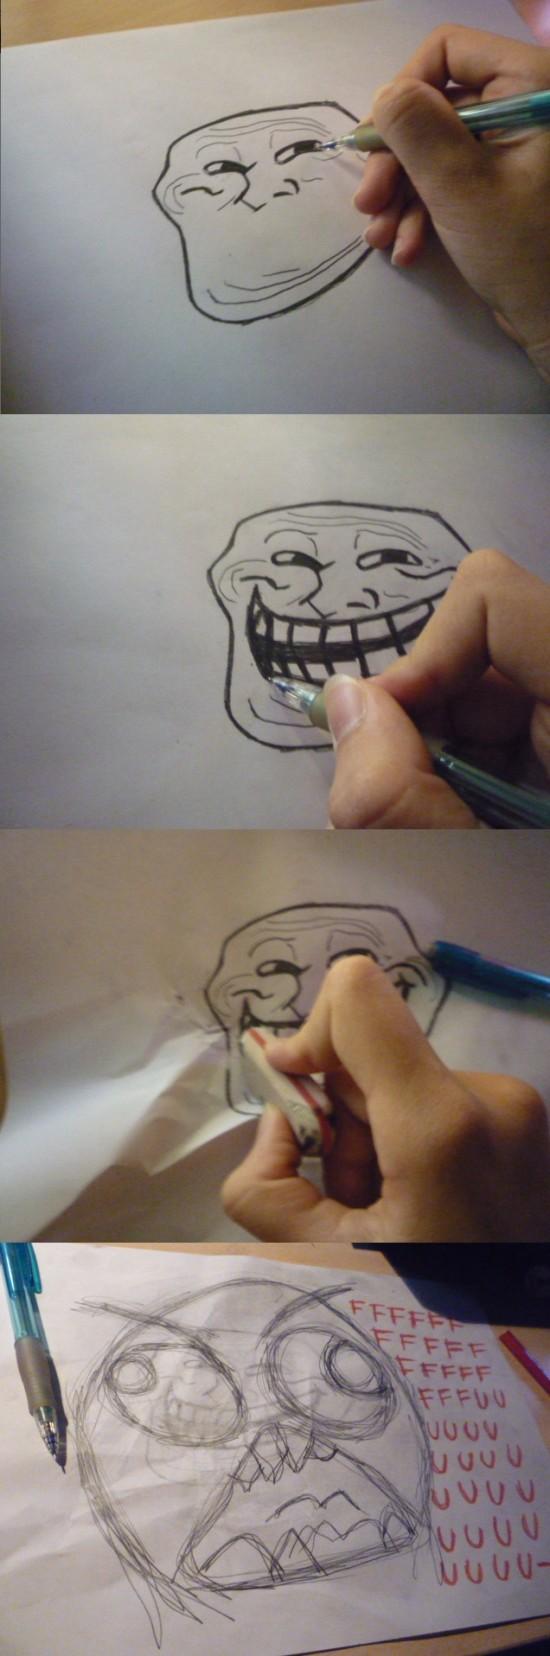 Trollface - Dibujo troll